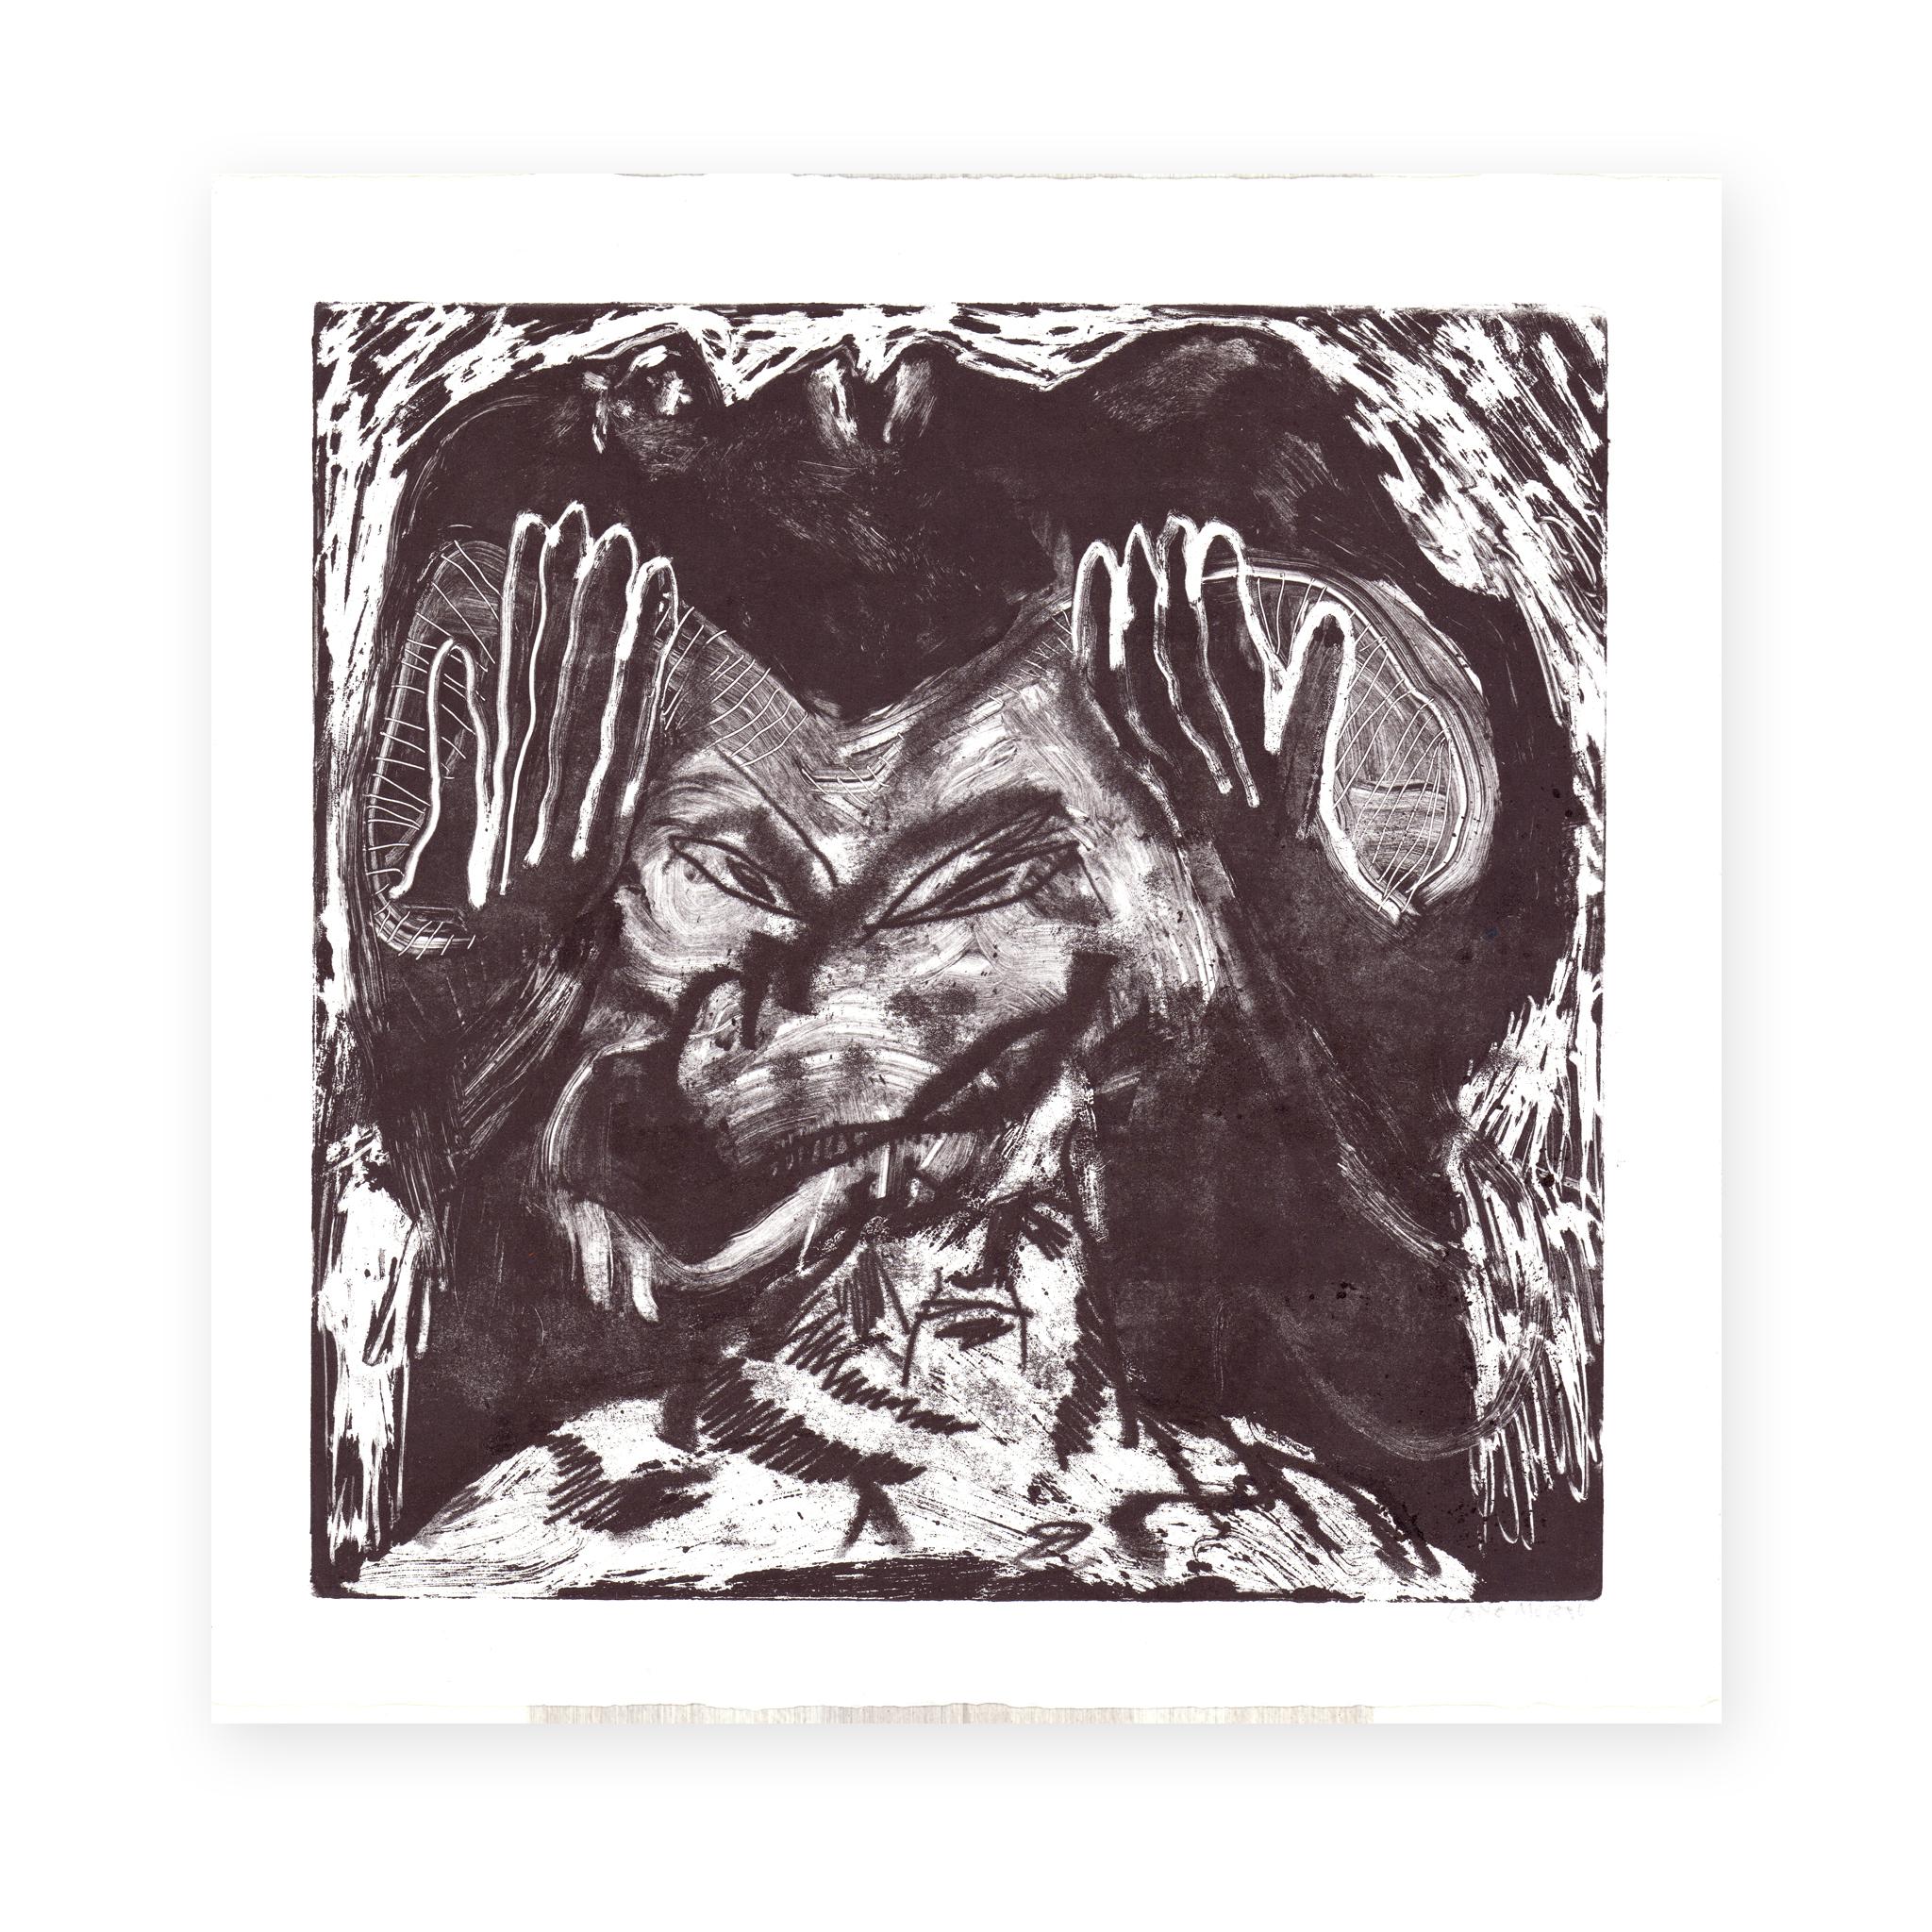 Canemorto -Idolo caprone